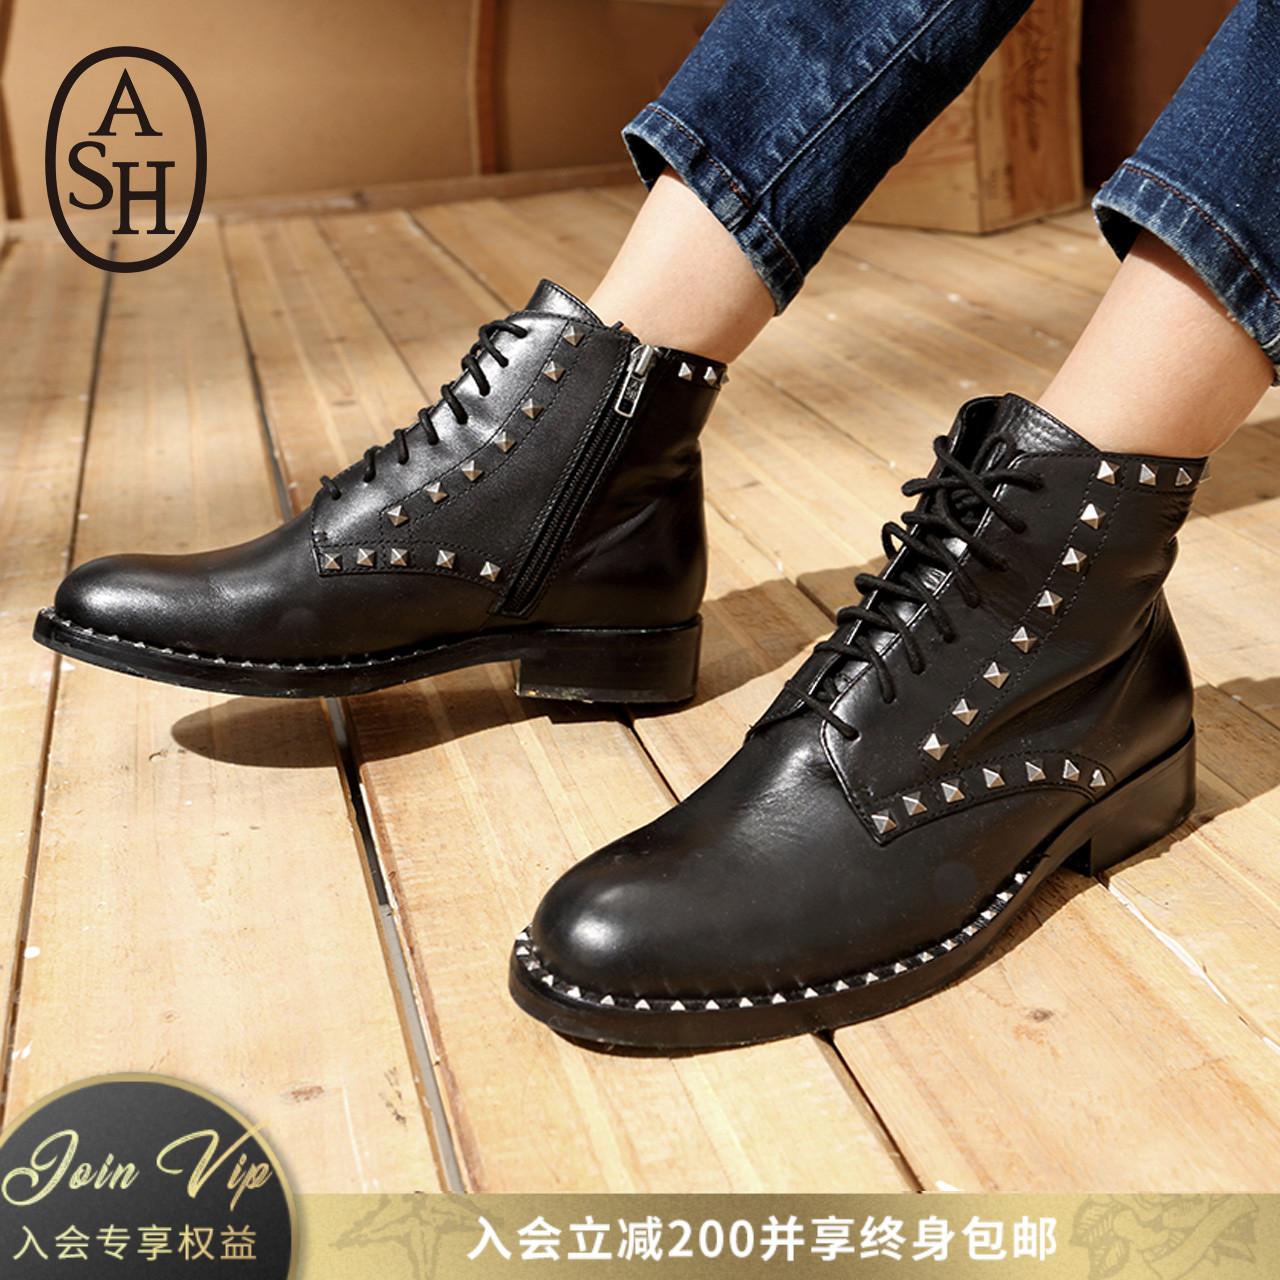 ASH女鞋2018秋冬新款WHYNOT系列时尚牛皮铆钉拼接短筒女靴马丁靴